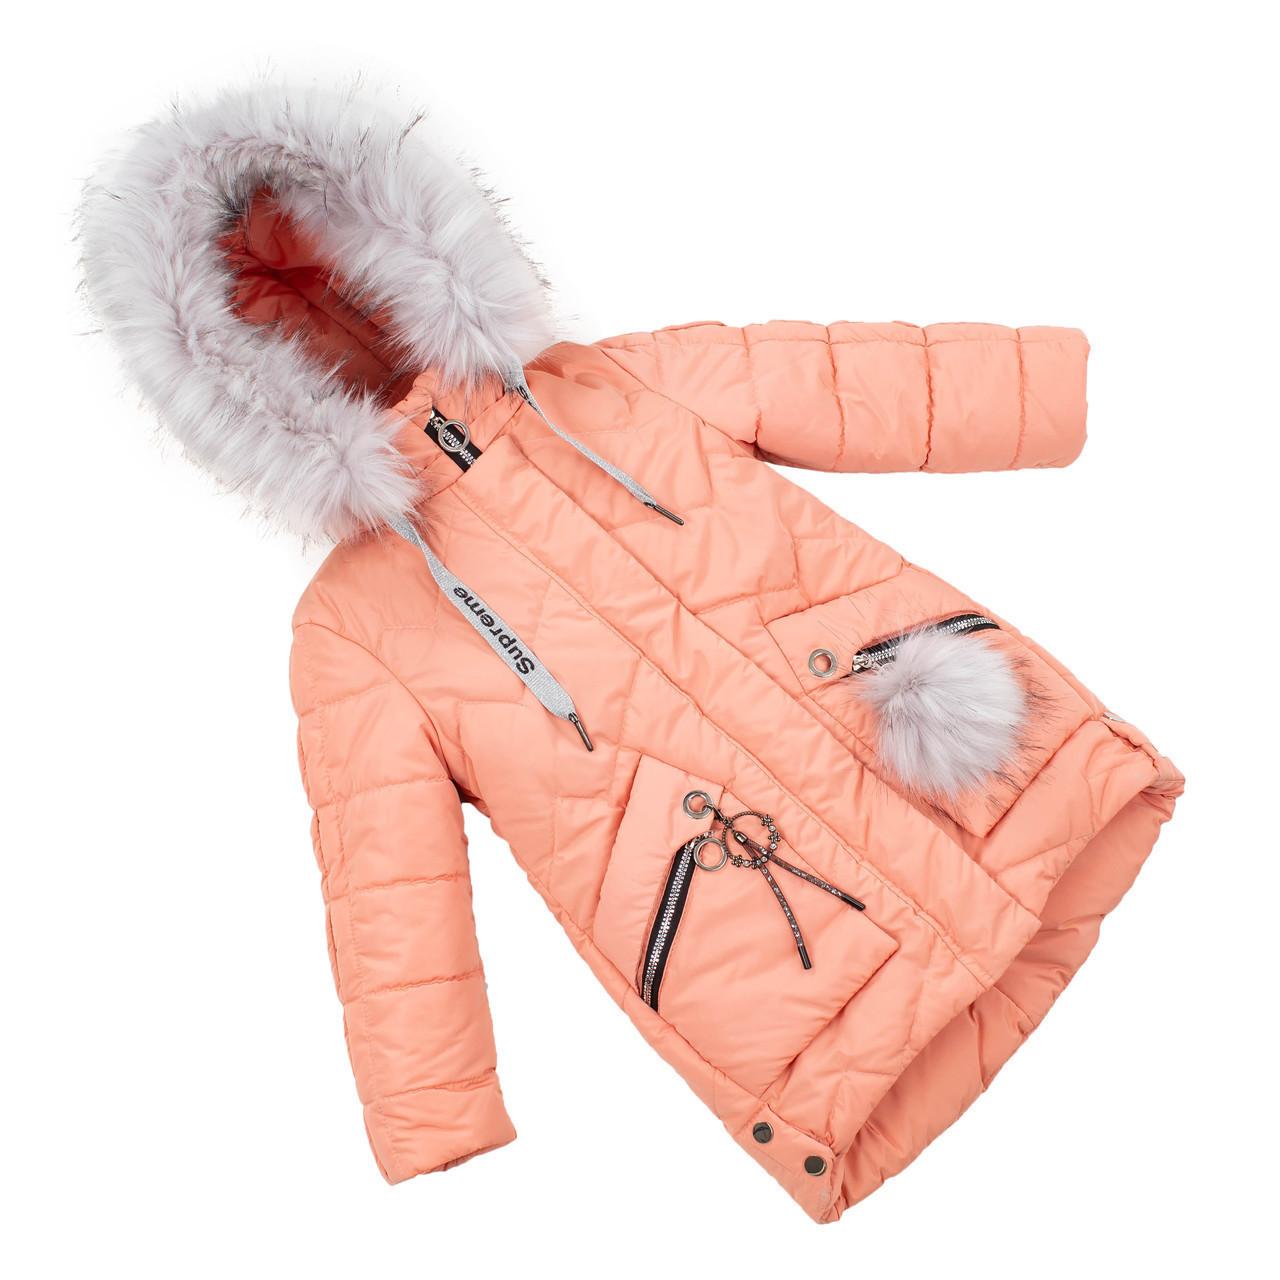 Зимняя куртка парка для девочки  интернет магазин  24-30 персиковый